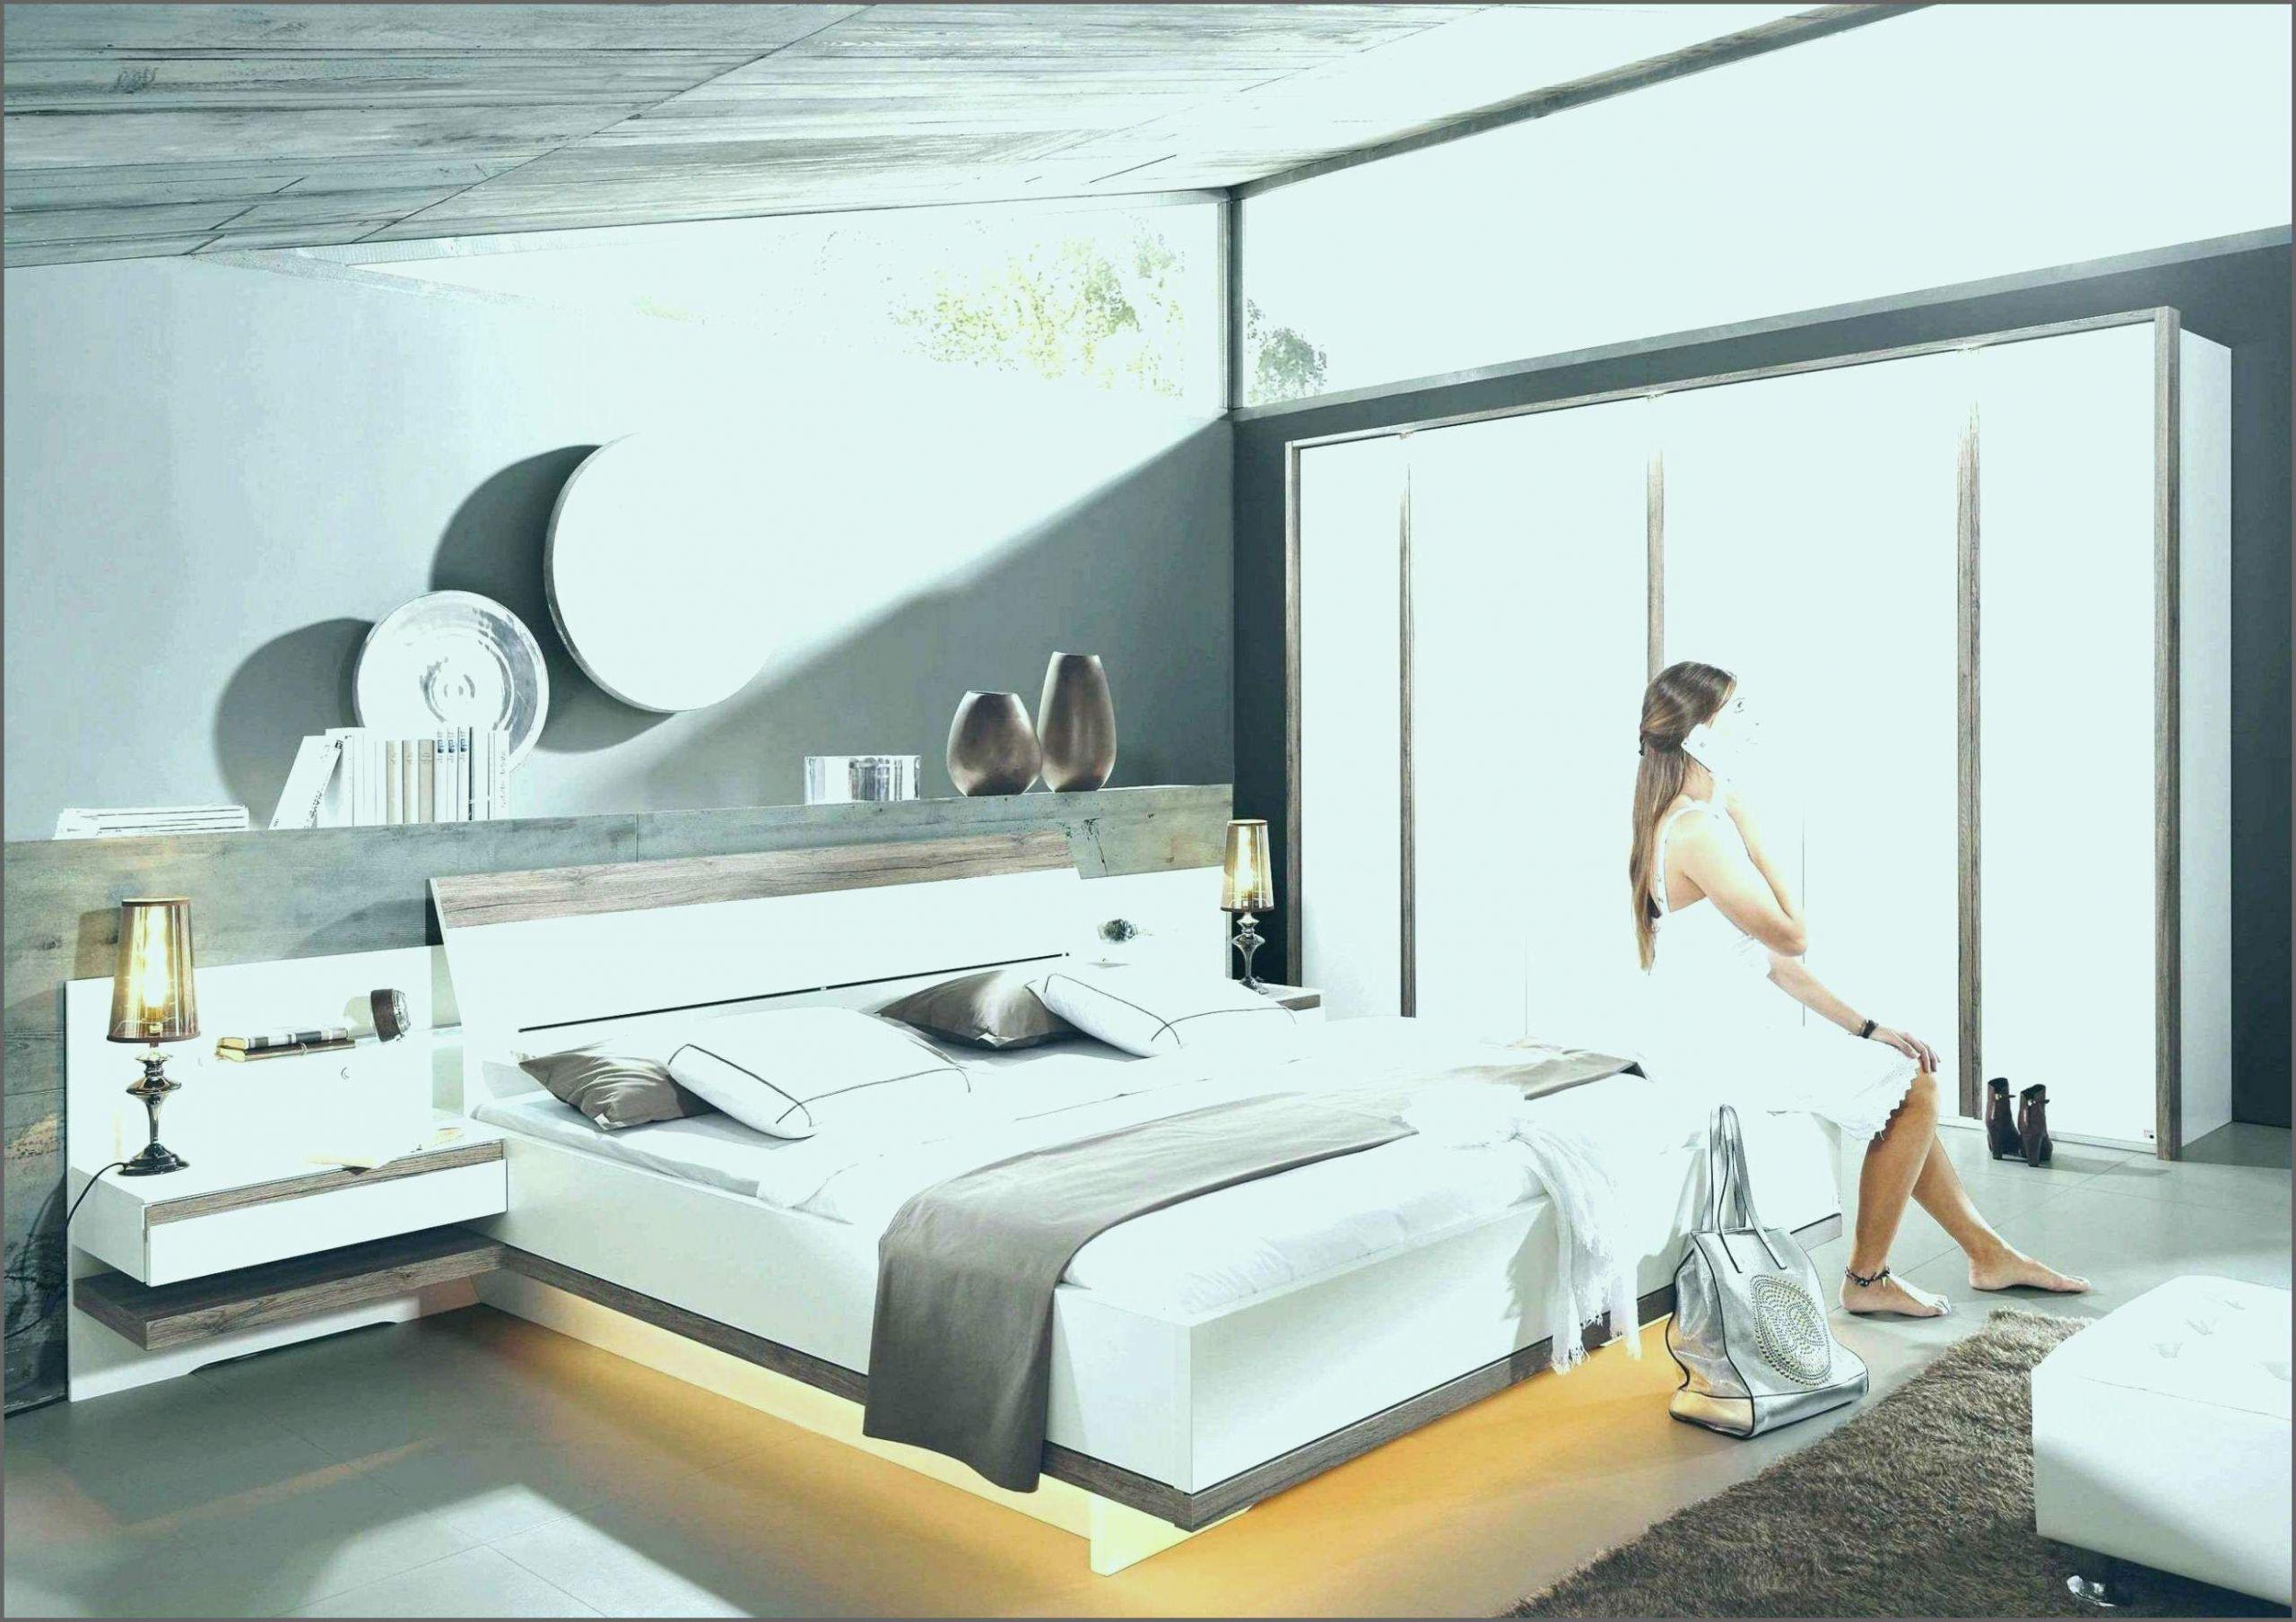 dekoration wohnzimmer regal inspirierend 30 exklusiv und wunderbar regalsysteme wohnzimmer holz of dekoration wohnzimmer regal scaled